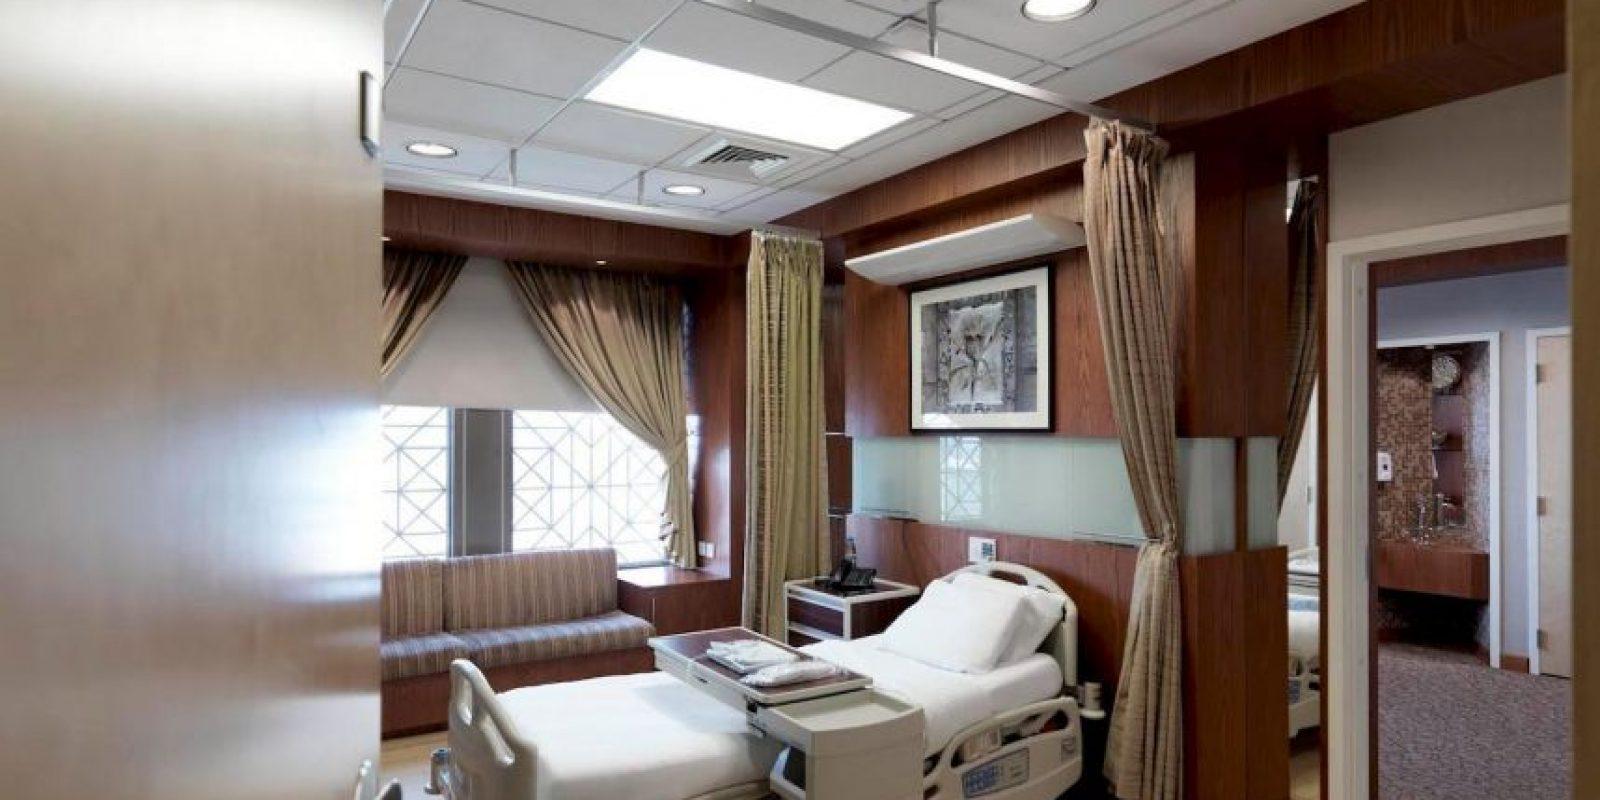 Foto:Facebook.com/MediclinicCityHospital